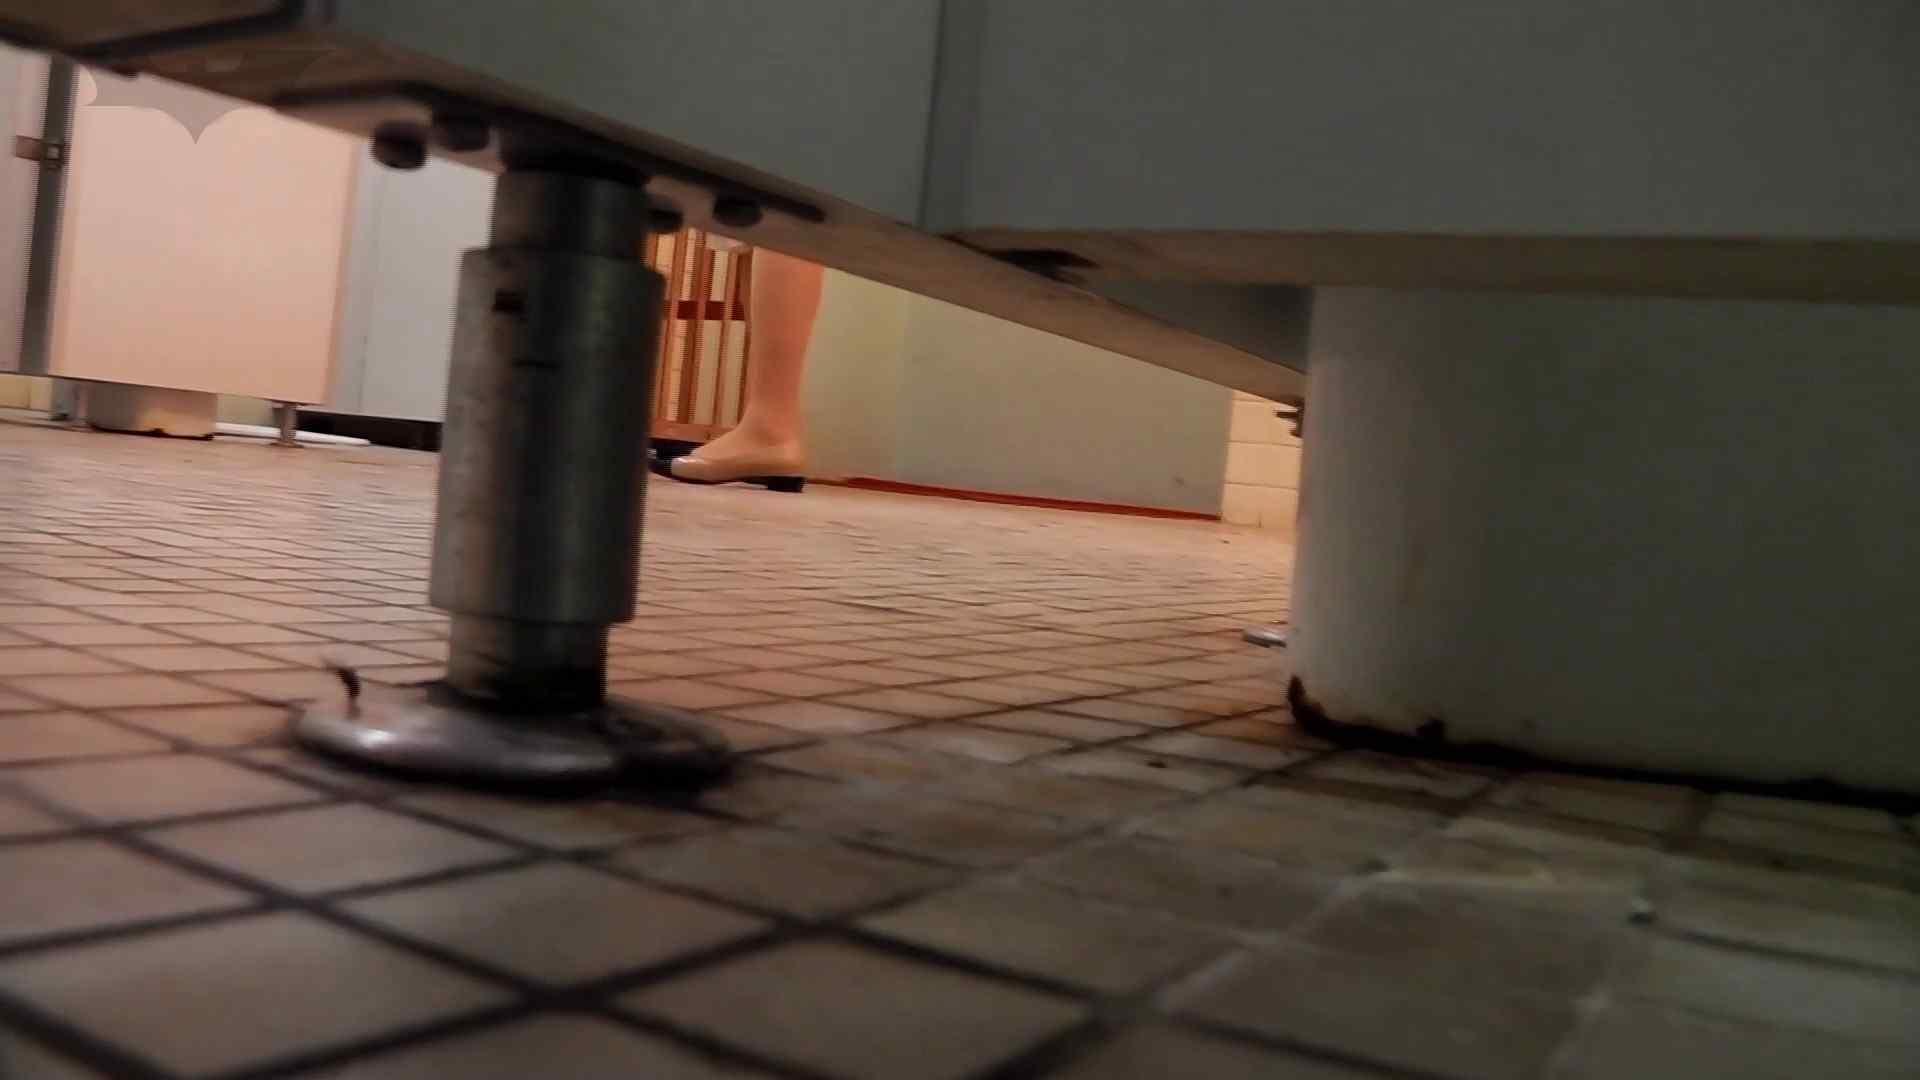 第三体育館潜入撮File028 熟女特集!! 熟女 アダルト動画キャプチャ 112枚 103